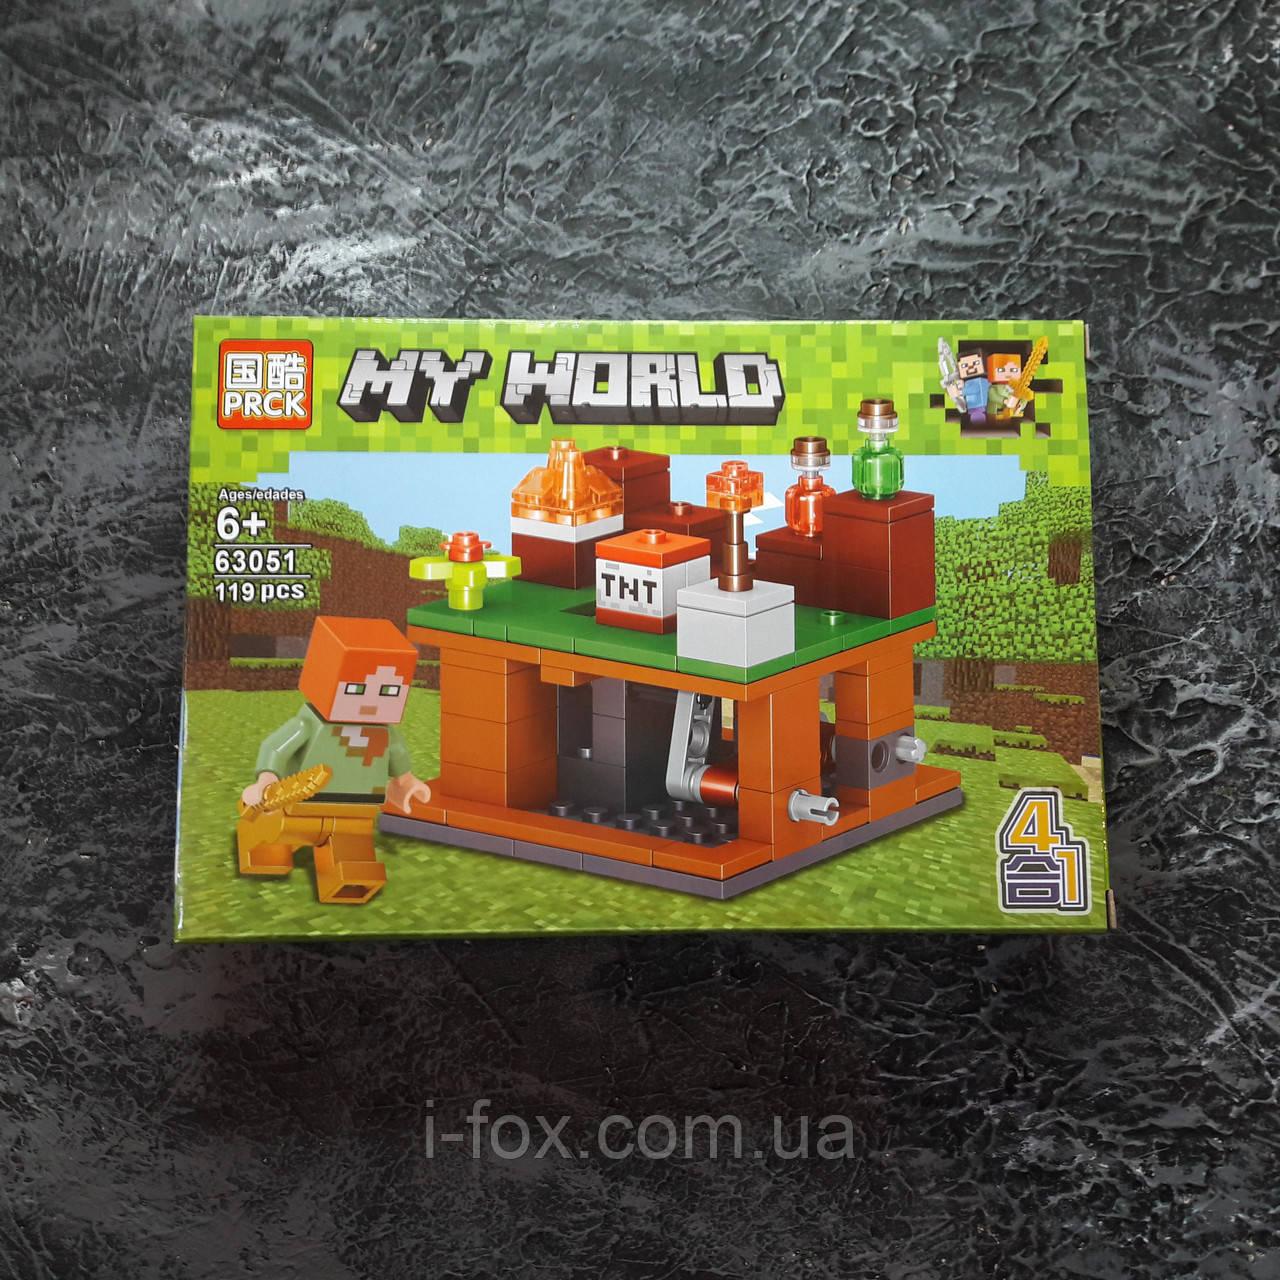 Конструктор Minecraft с механизмом и ТНТ 138 деталей